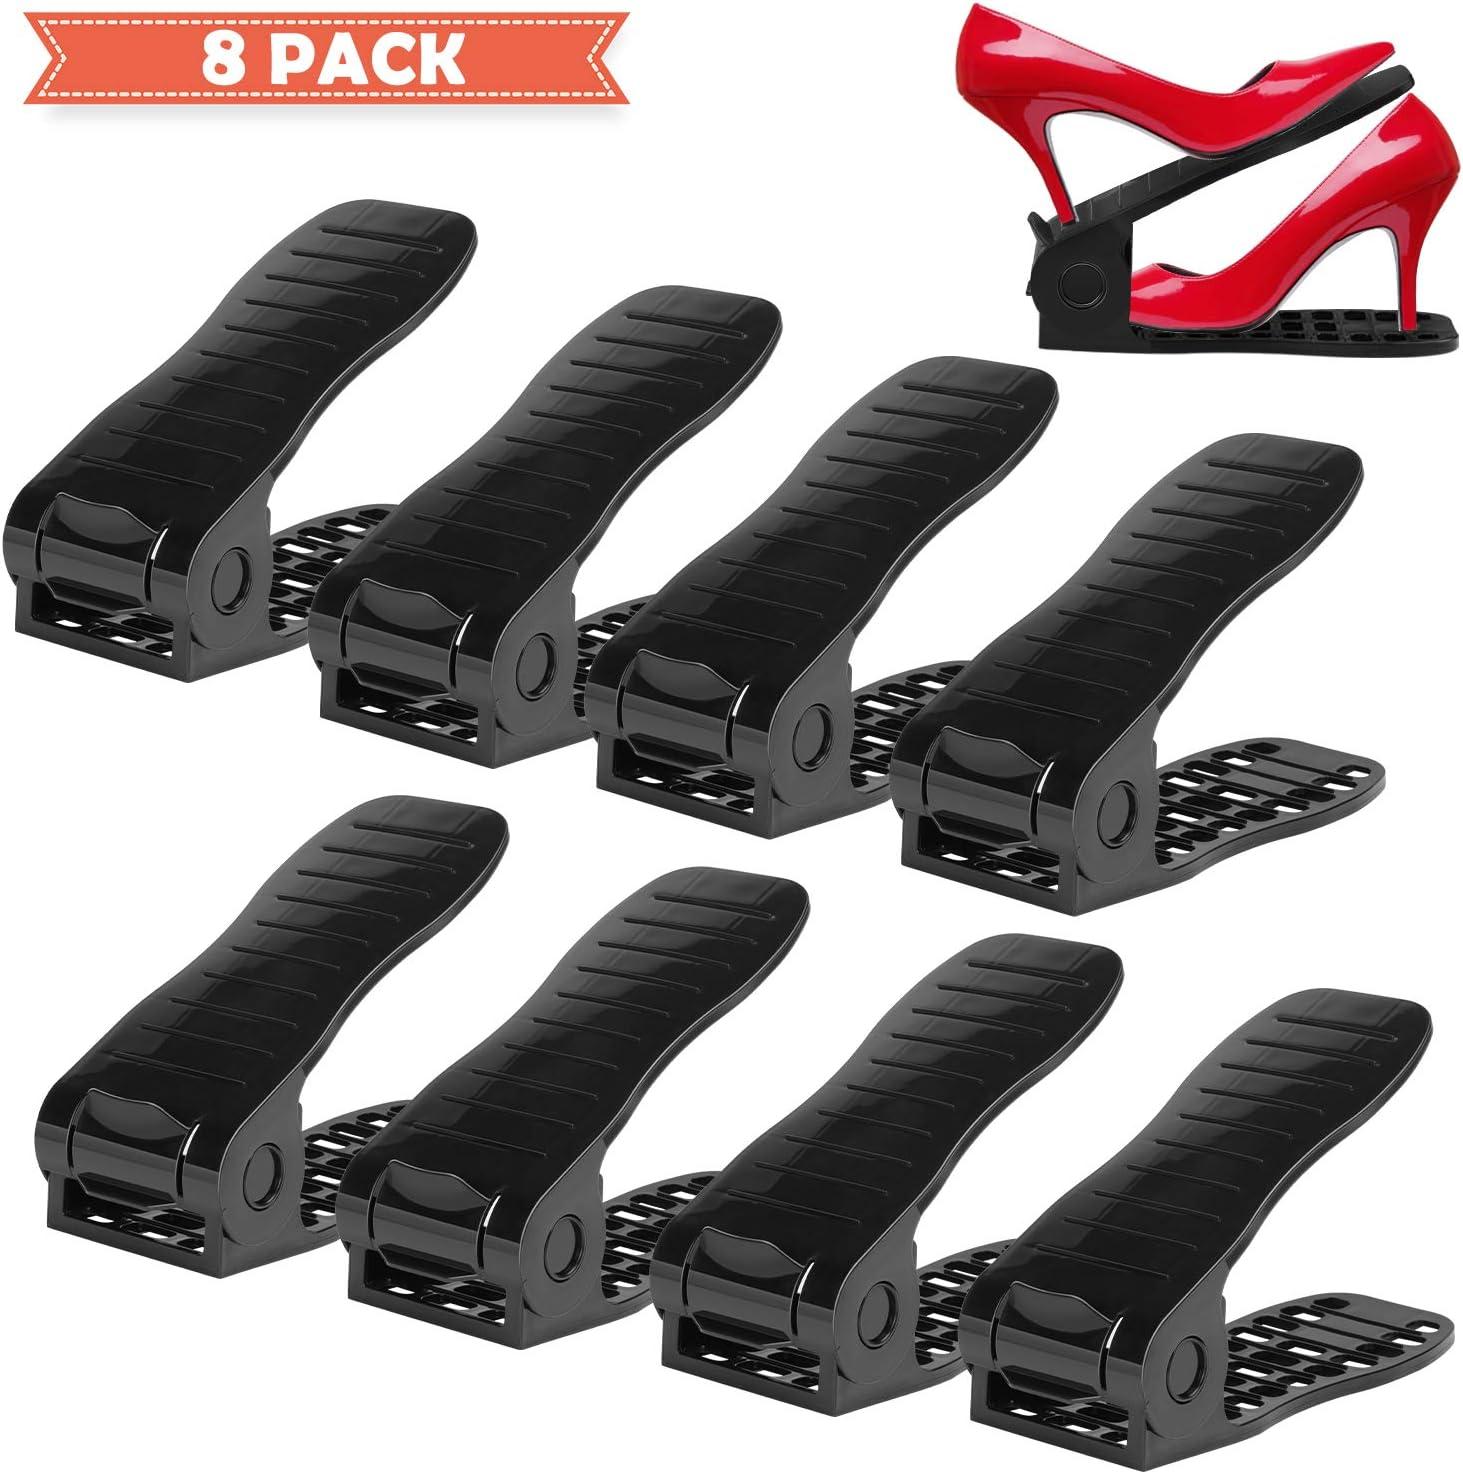 Organizador de Zapatos Ajustable Uktunu 8PCS Durable 4Posiciones ...